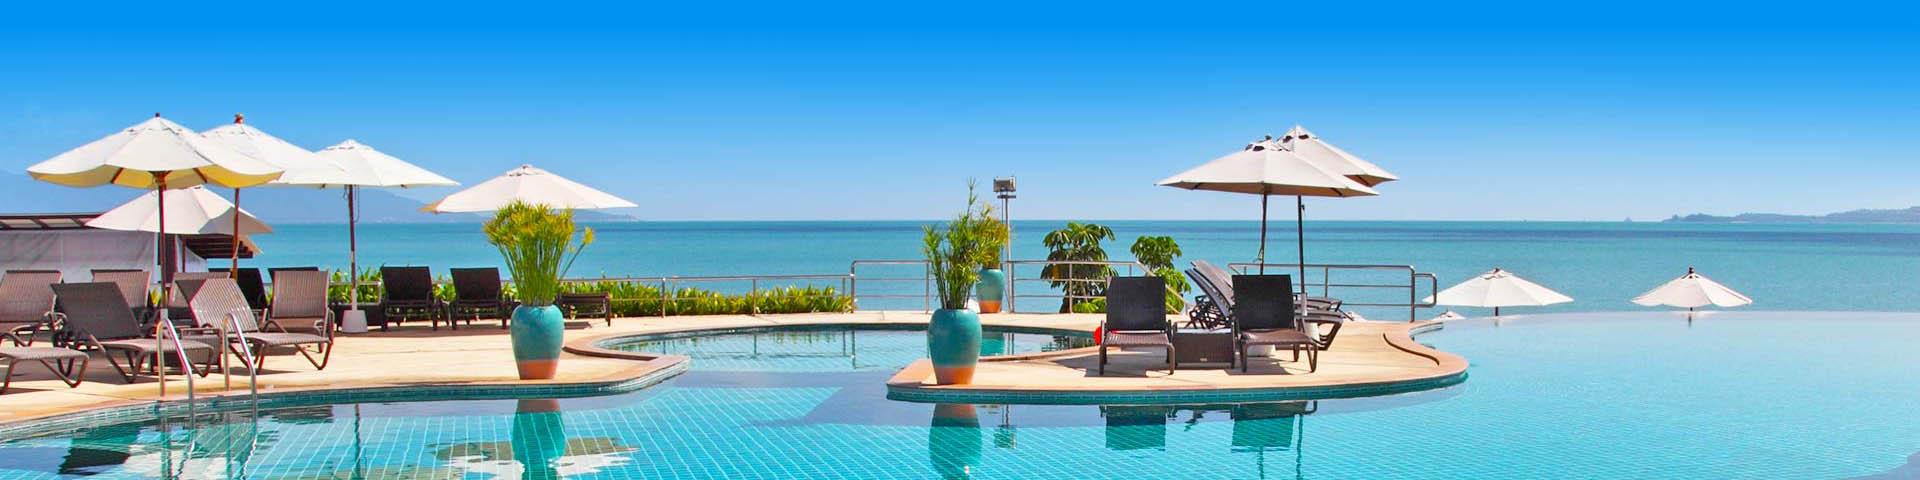 Zwembad met ligbedjes en parasols in luxe resort